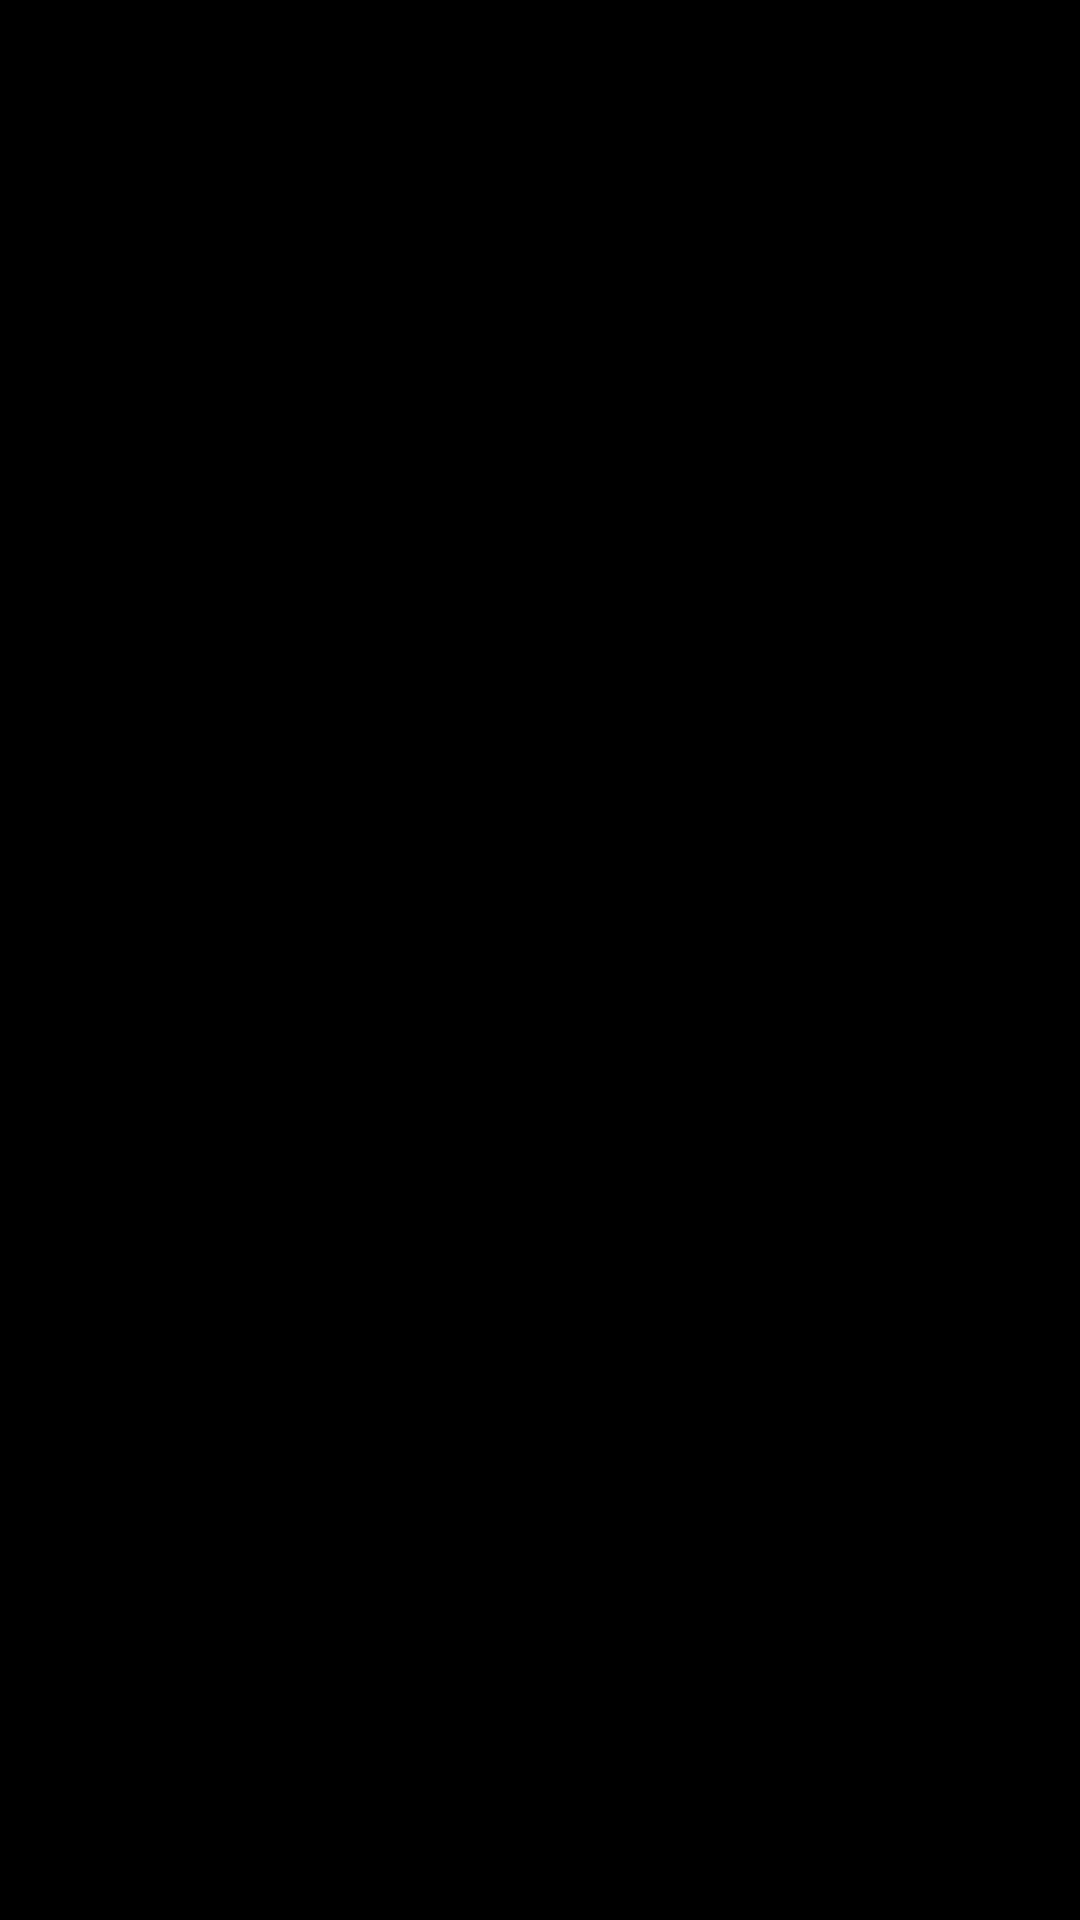 Iphone 6s Carbon Fiber Wallpaper Black Phone Wallpaper 183 ① Download Free Beautiful High